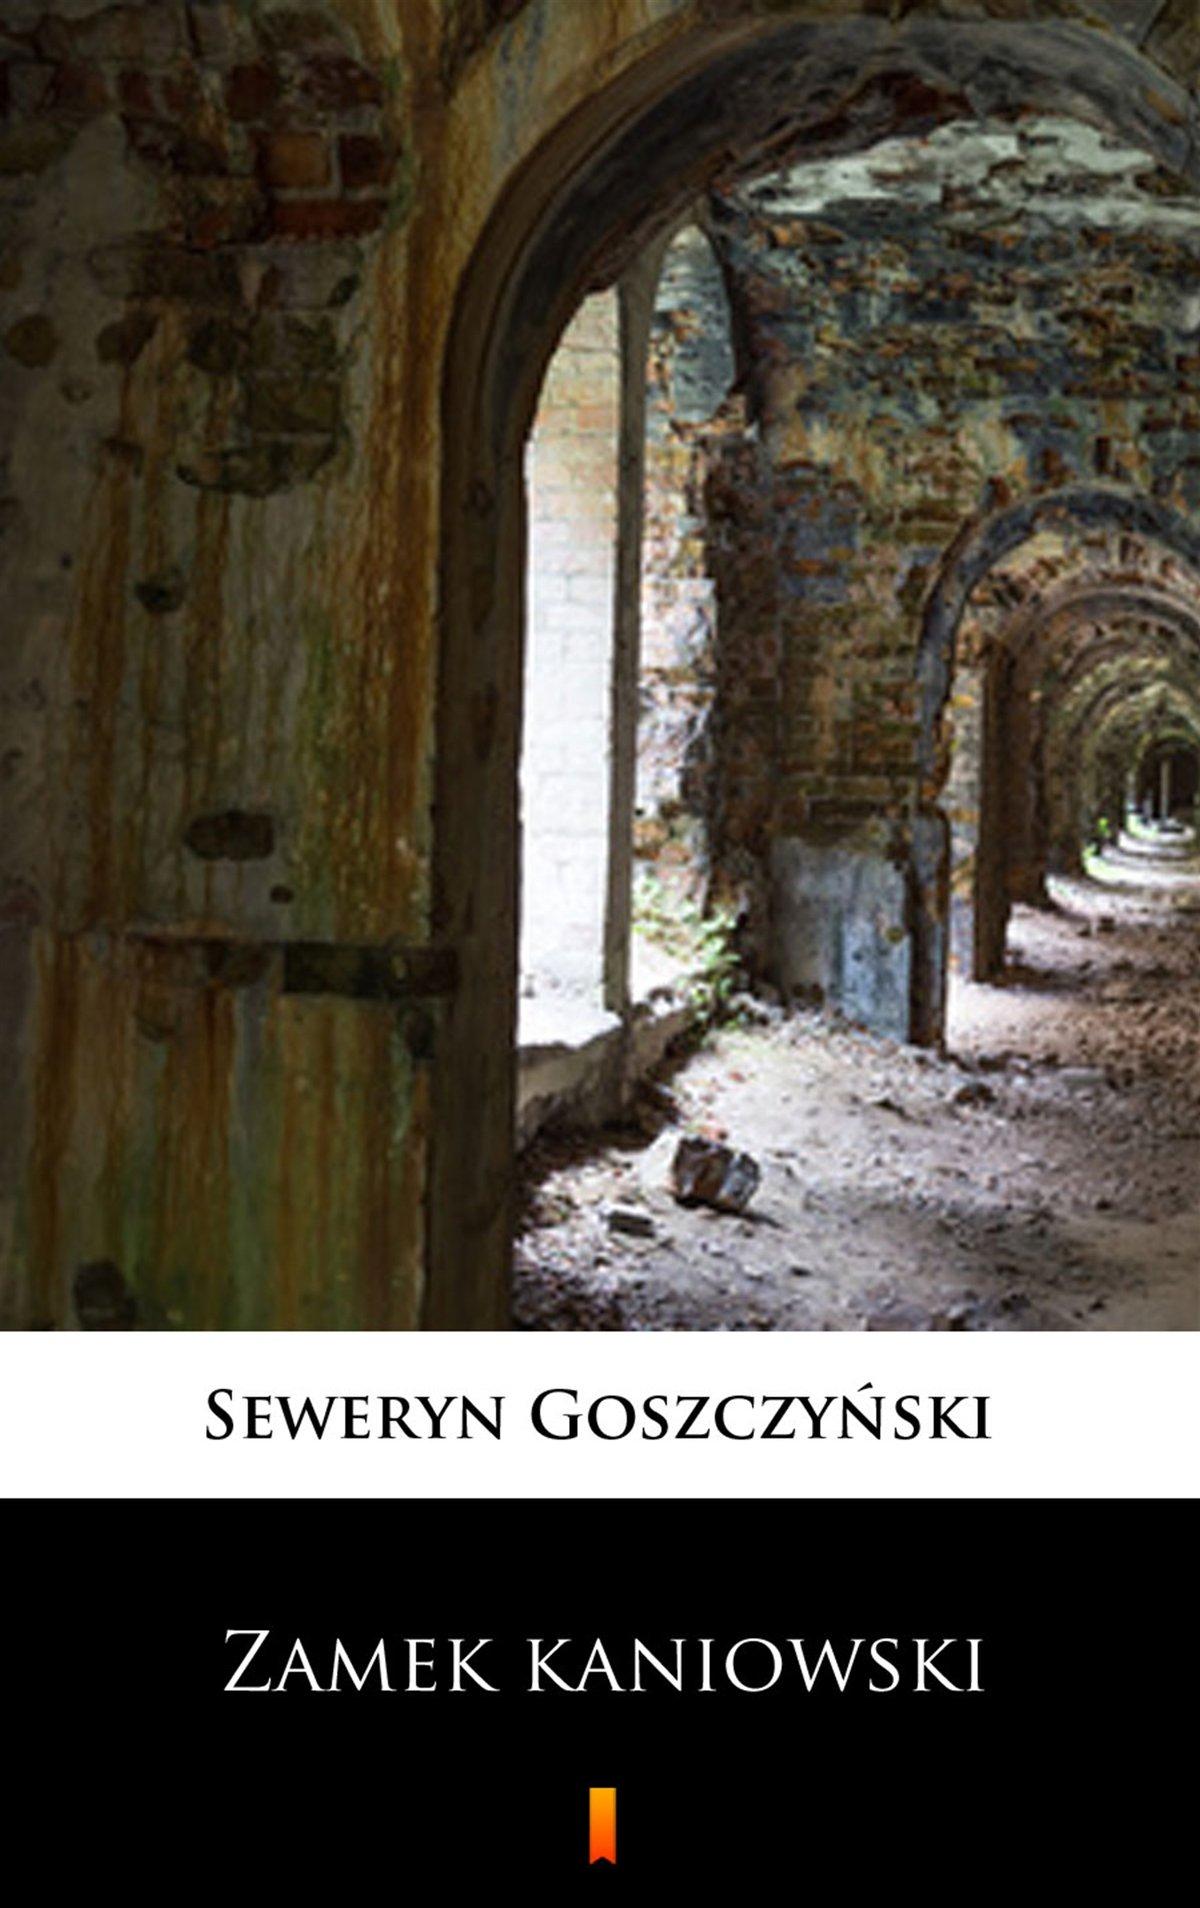 Zamek kaniowski - Ebook (Książka EPUB) do pobrania w formacie EPUB